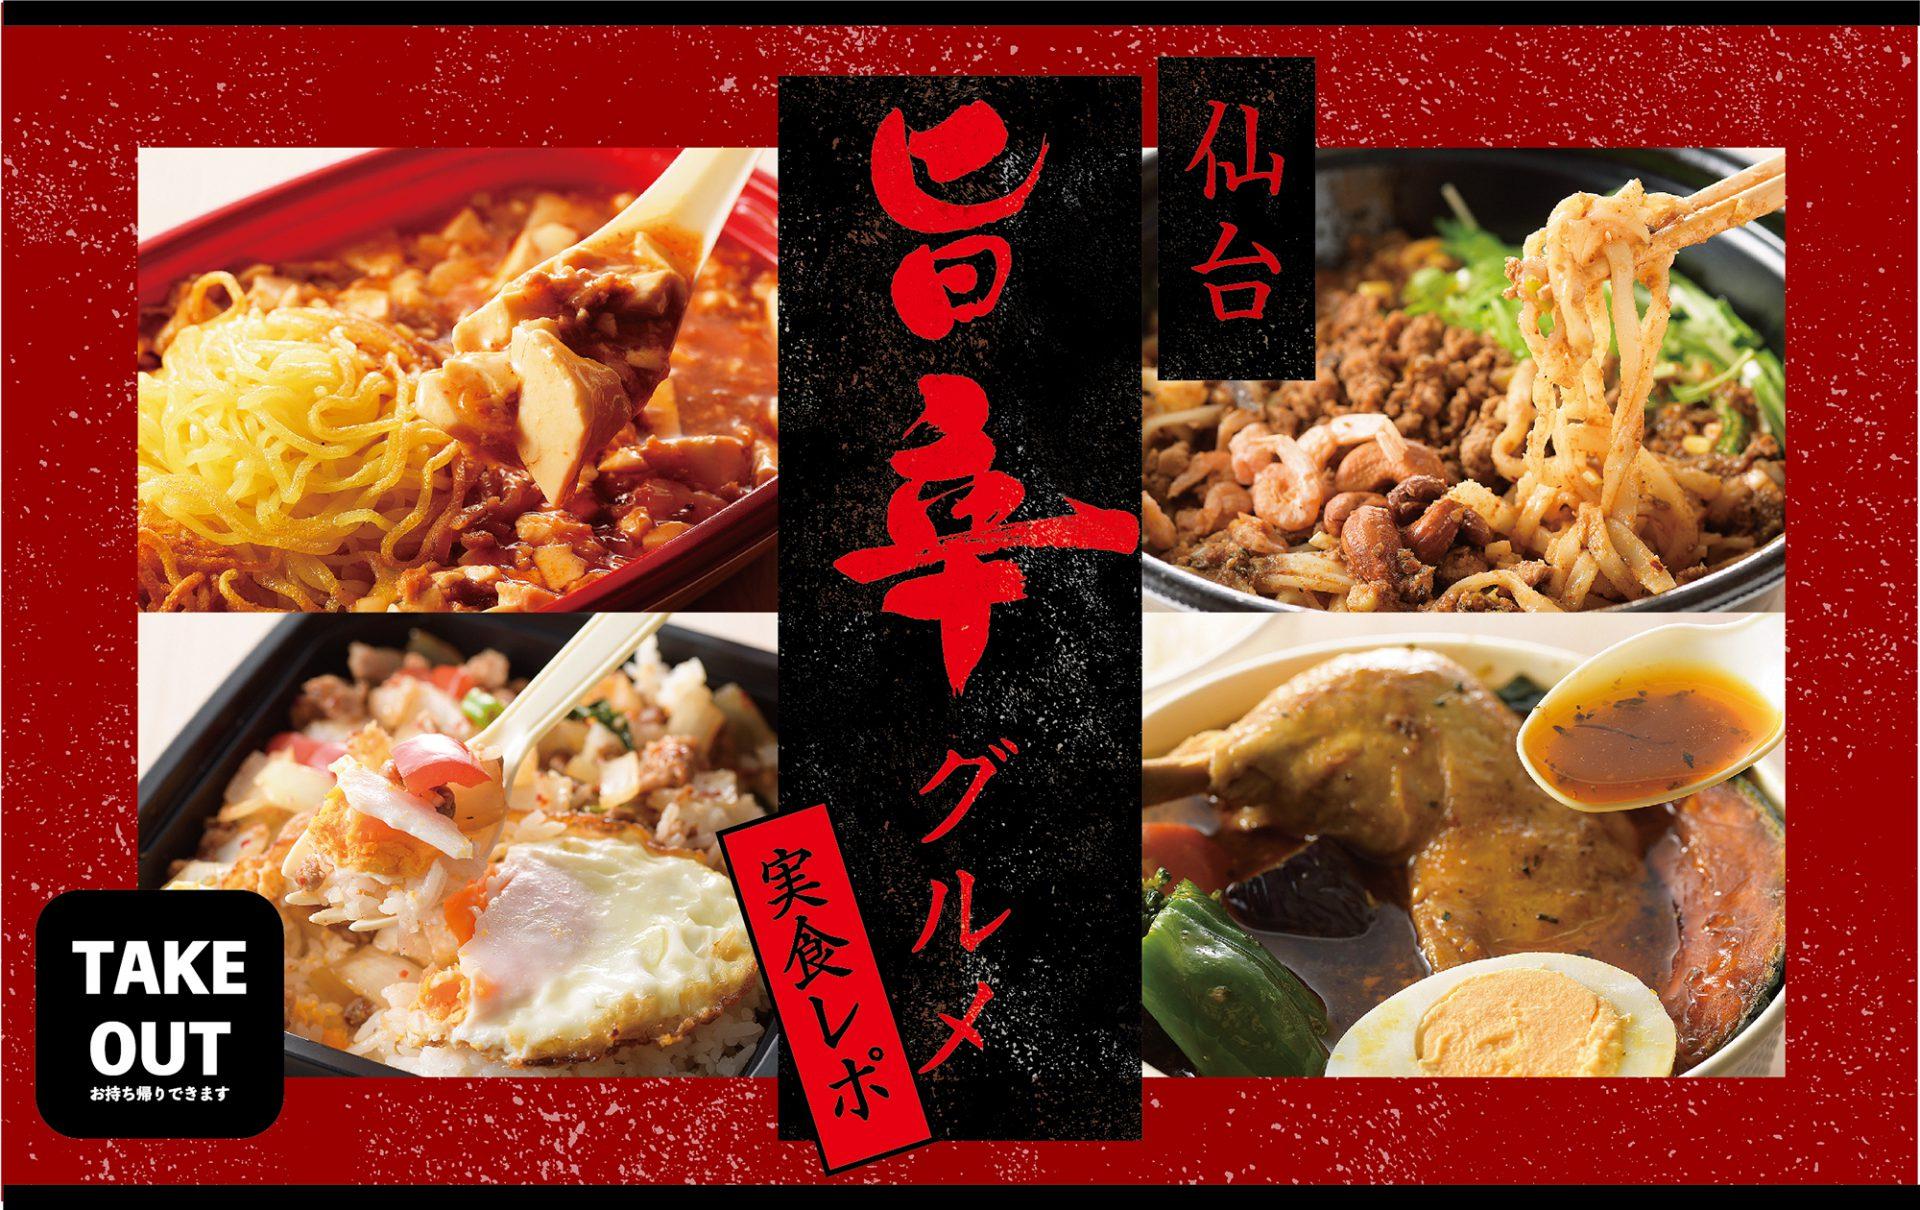 【実食レポ】必見!仙台「旨辛」グルメ特集!〈テイクアウト篇〉